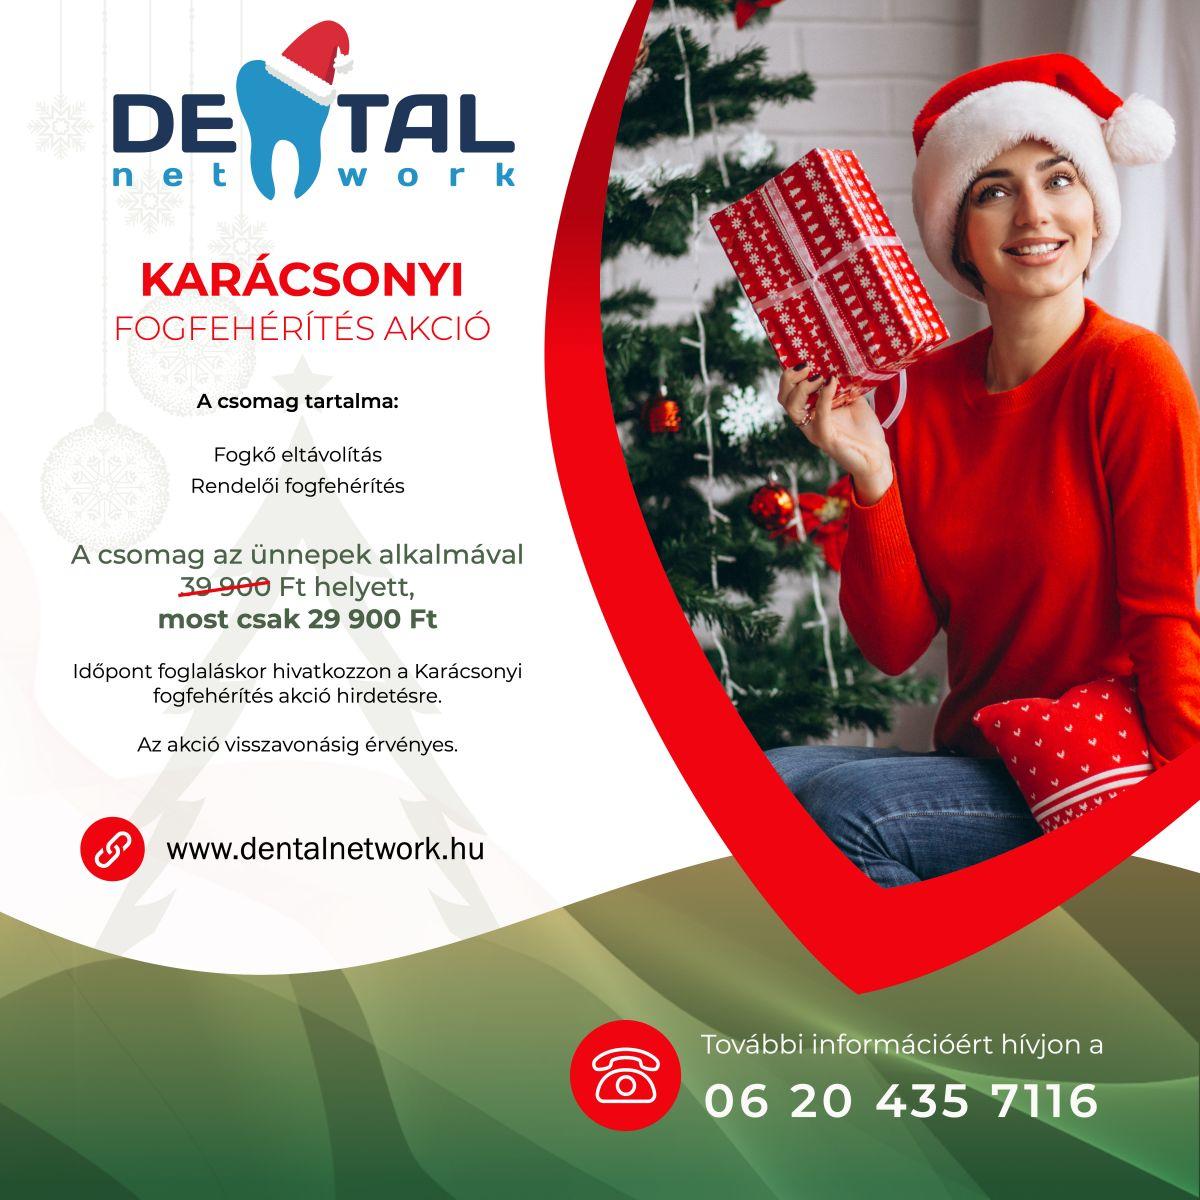 Flórián Dental Fogászat - Karácsonyi akció - Fogfehérítés